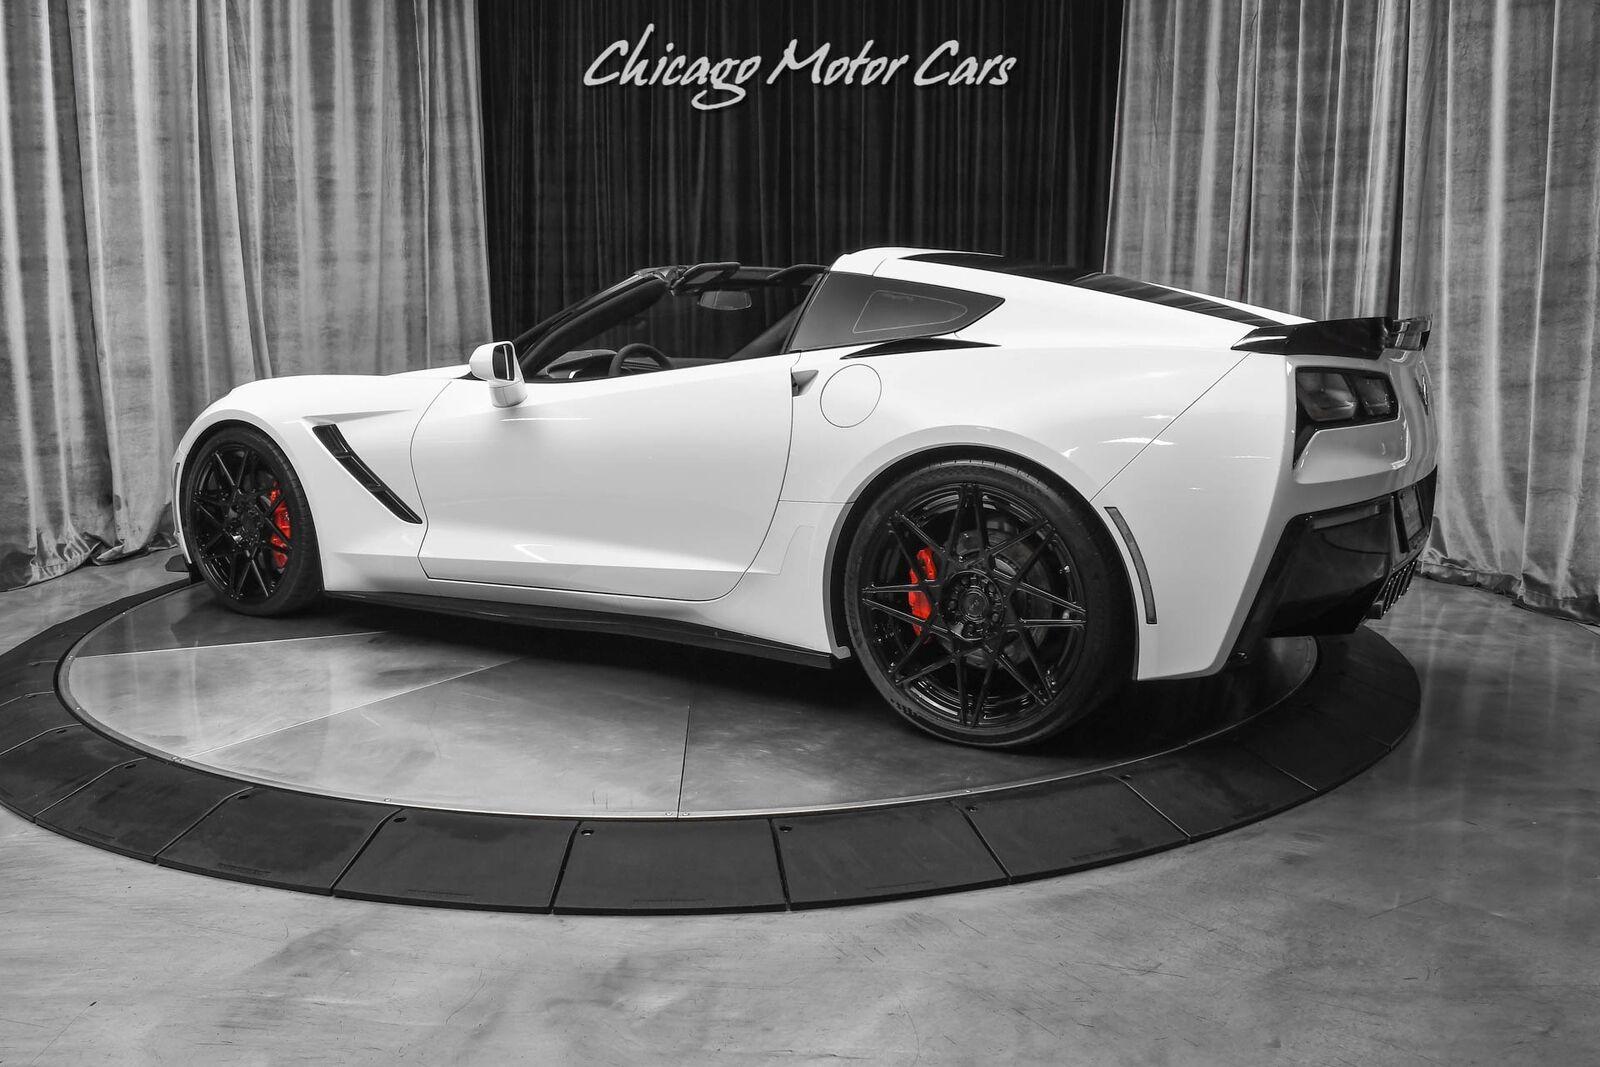 2016 White Chevrolet Corvette Stingray    C7 Corvette Photo 3